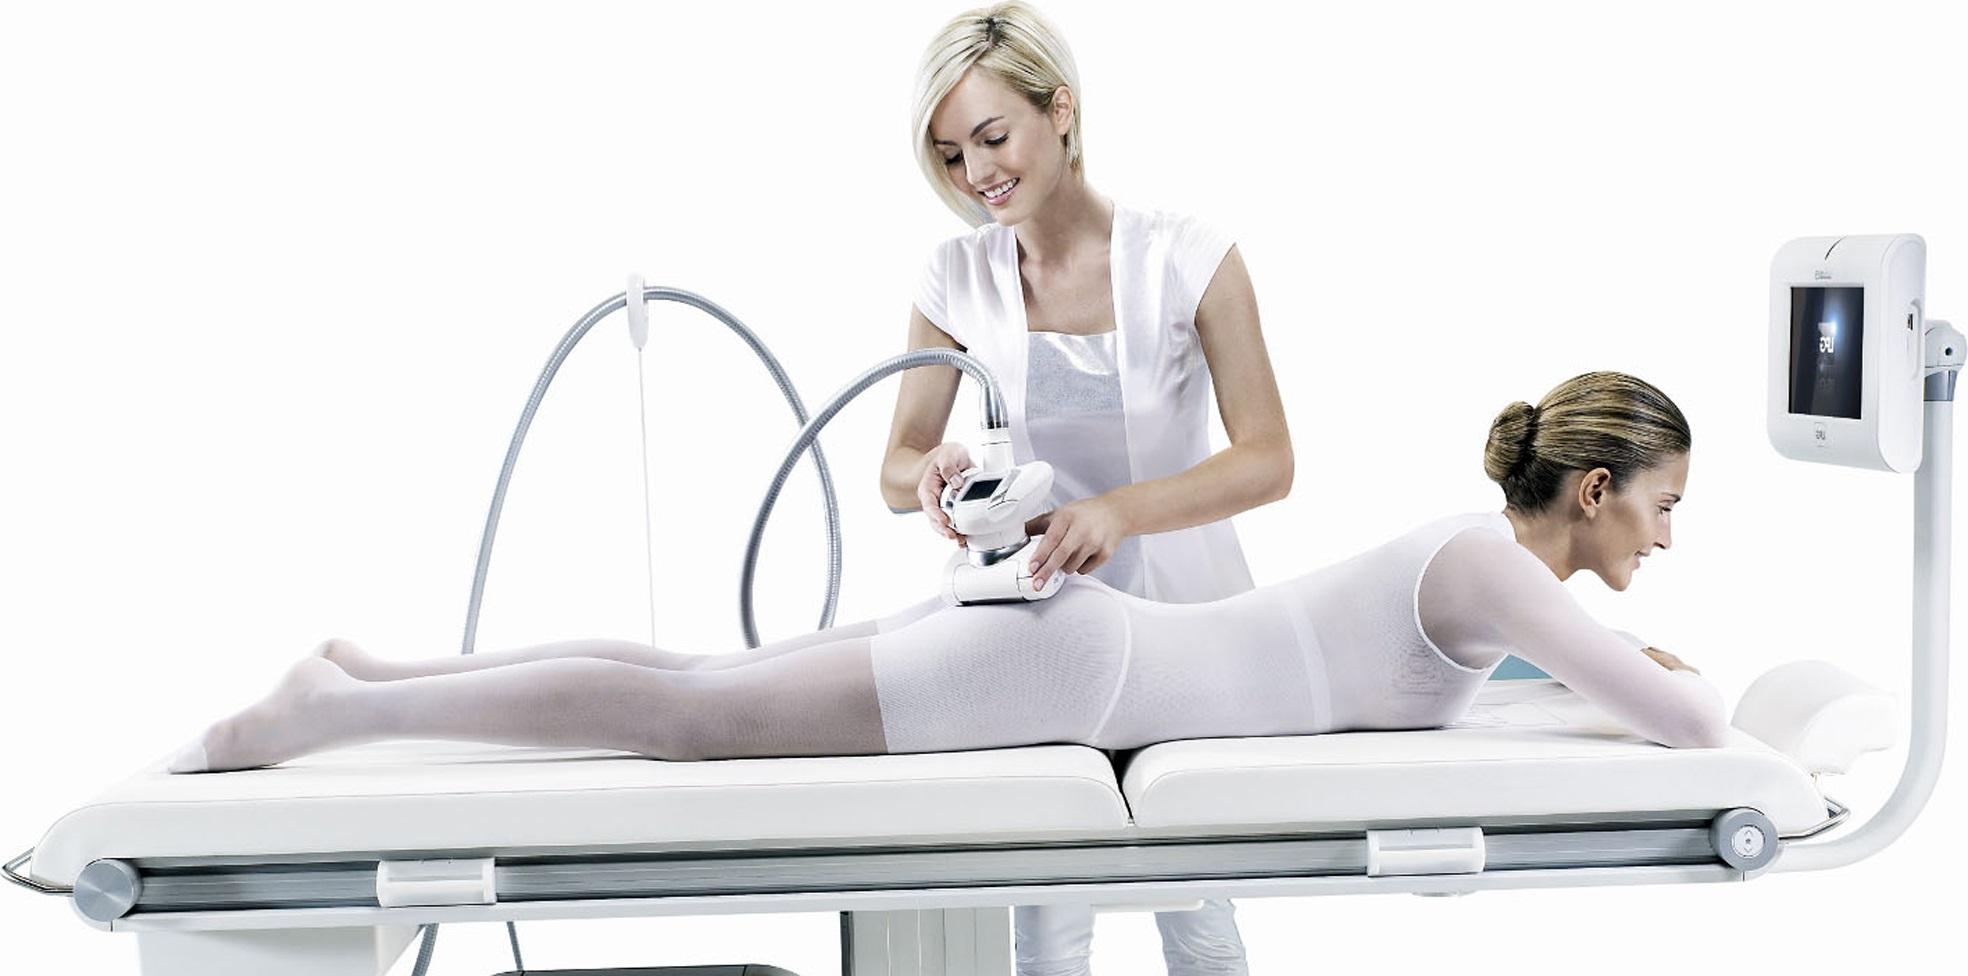 lpg массаж в минске, ролико вакуумный массаж минск